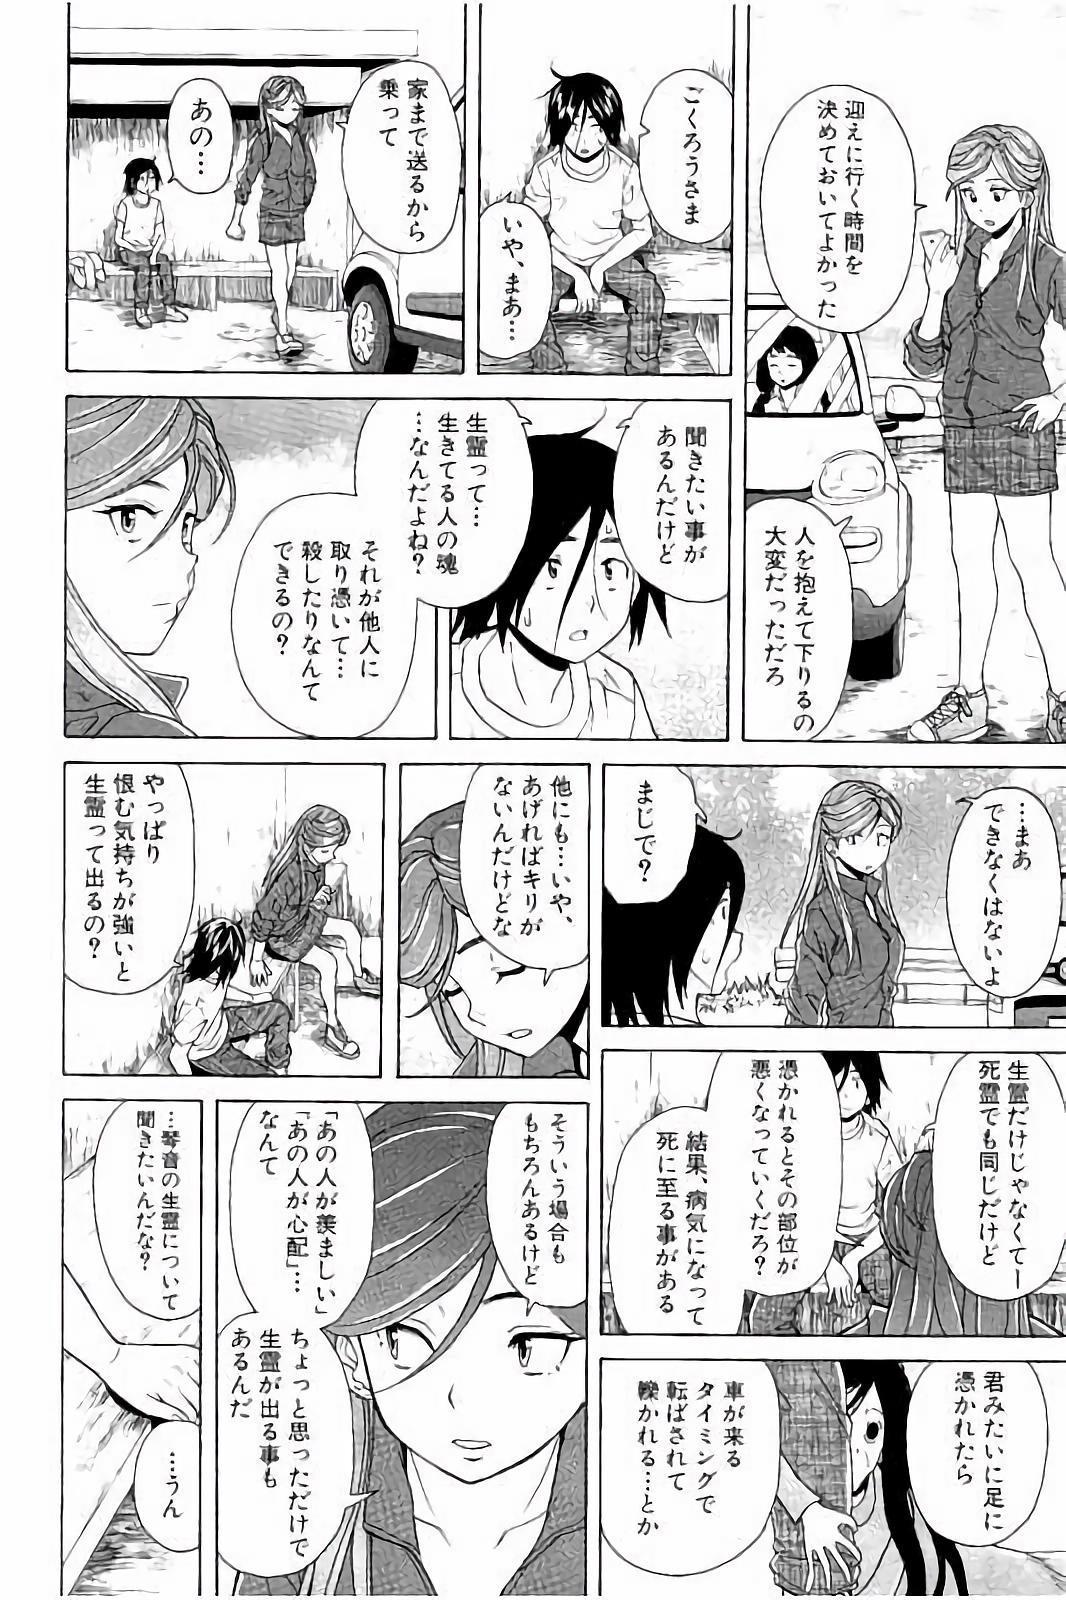 Ane no Himitsu To Boku no Jisatsu 107